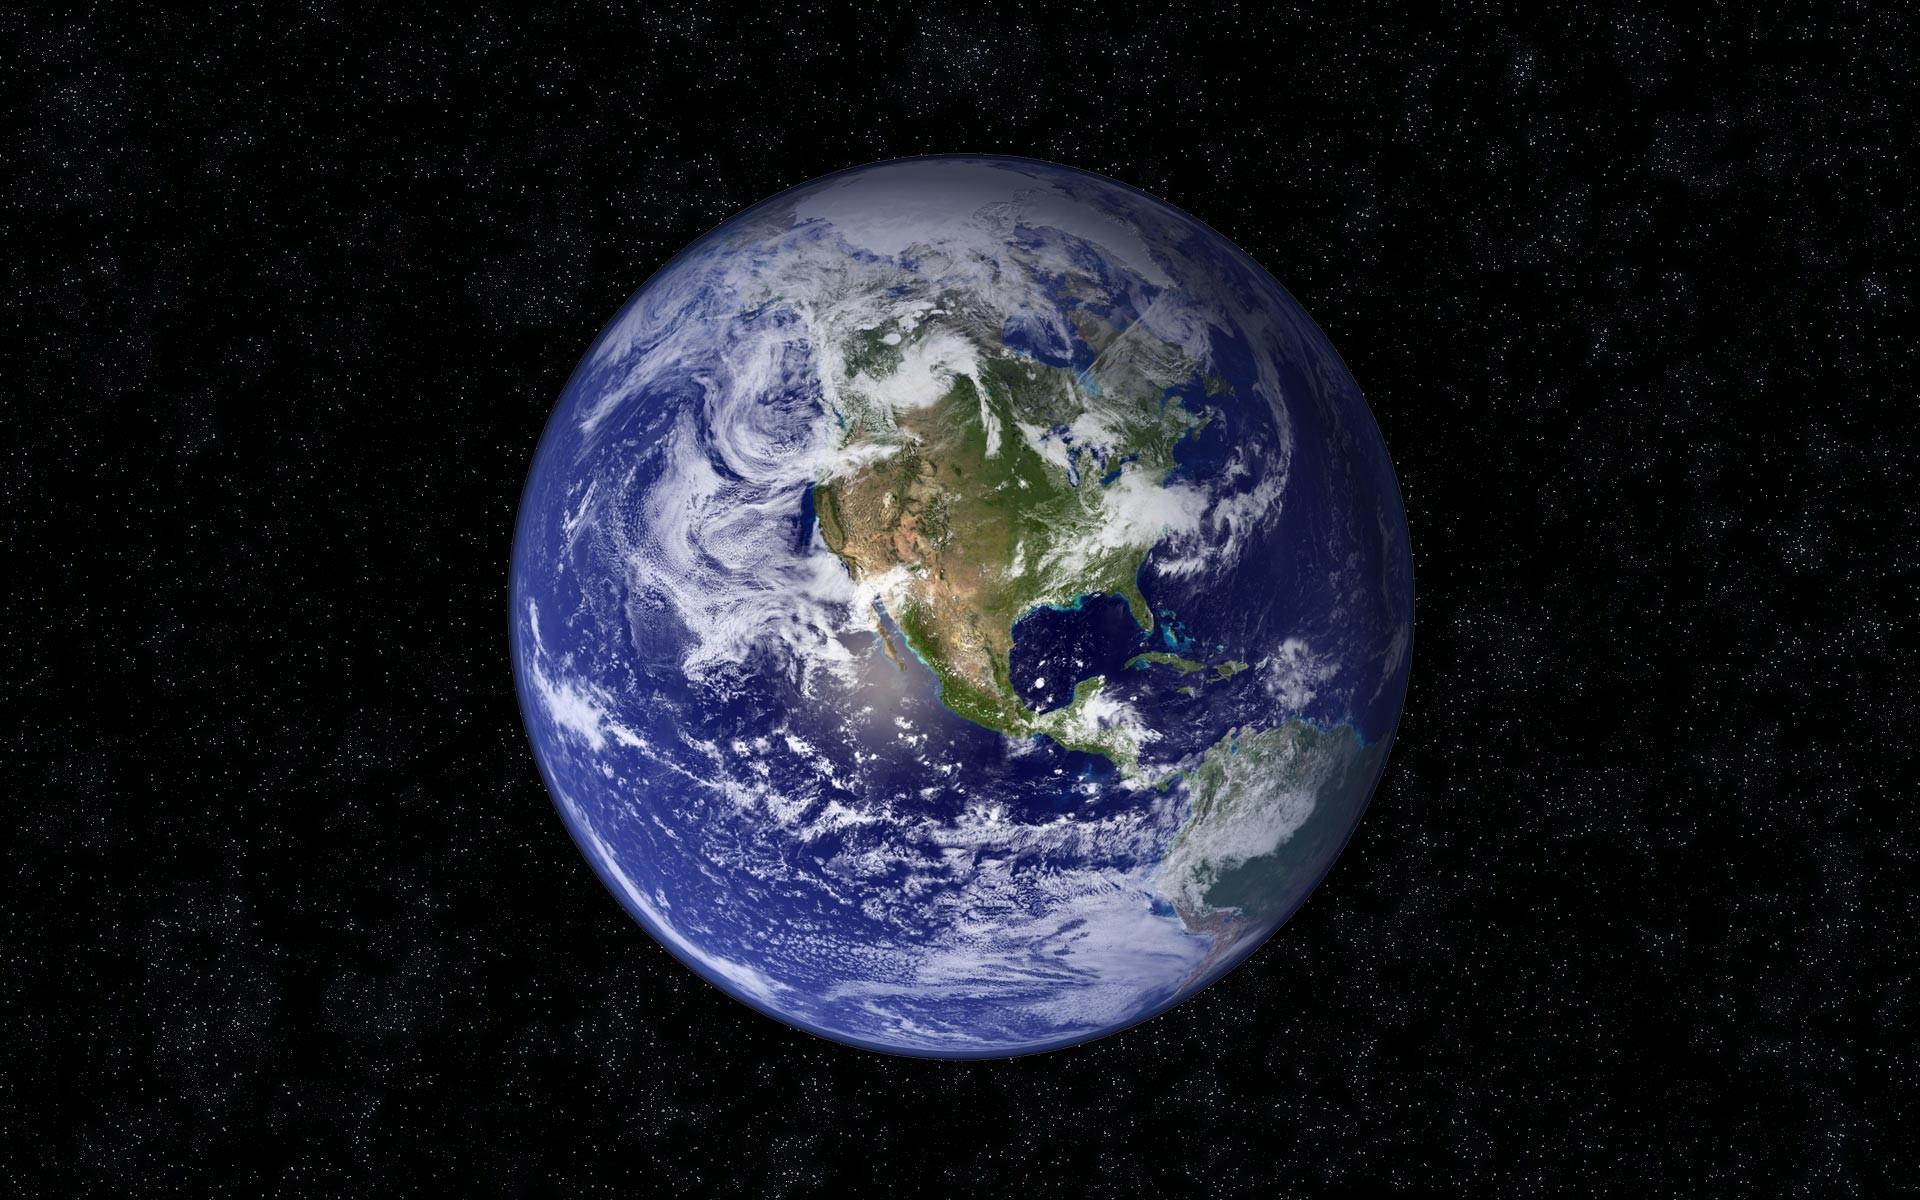 Fotos de satelites orbitando la tierra 86